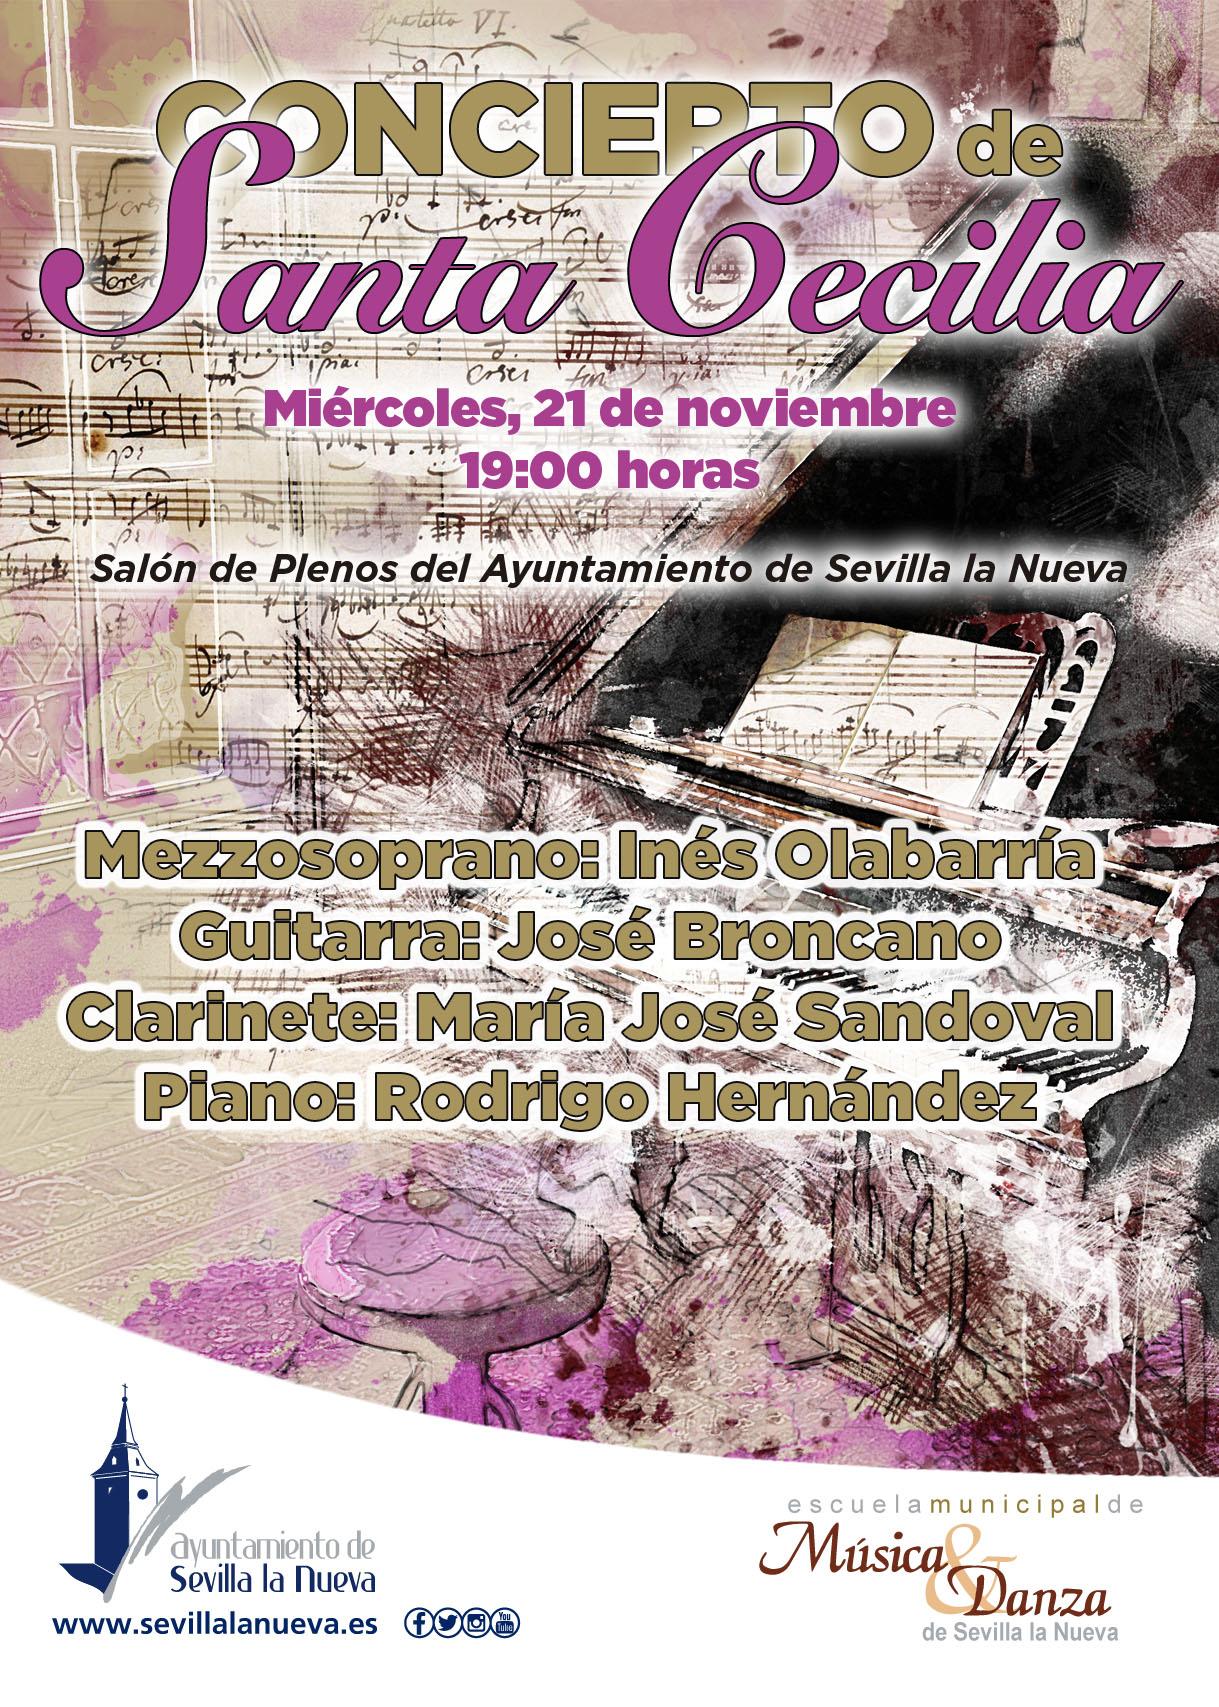 Concierto de Santa Cecilia EMMD @ Salón de Plenos